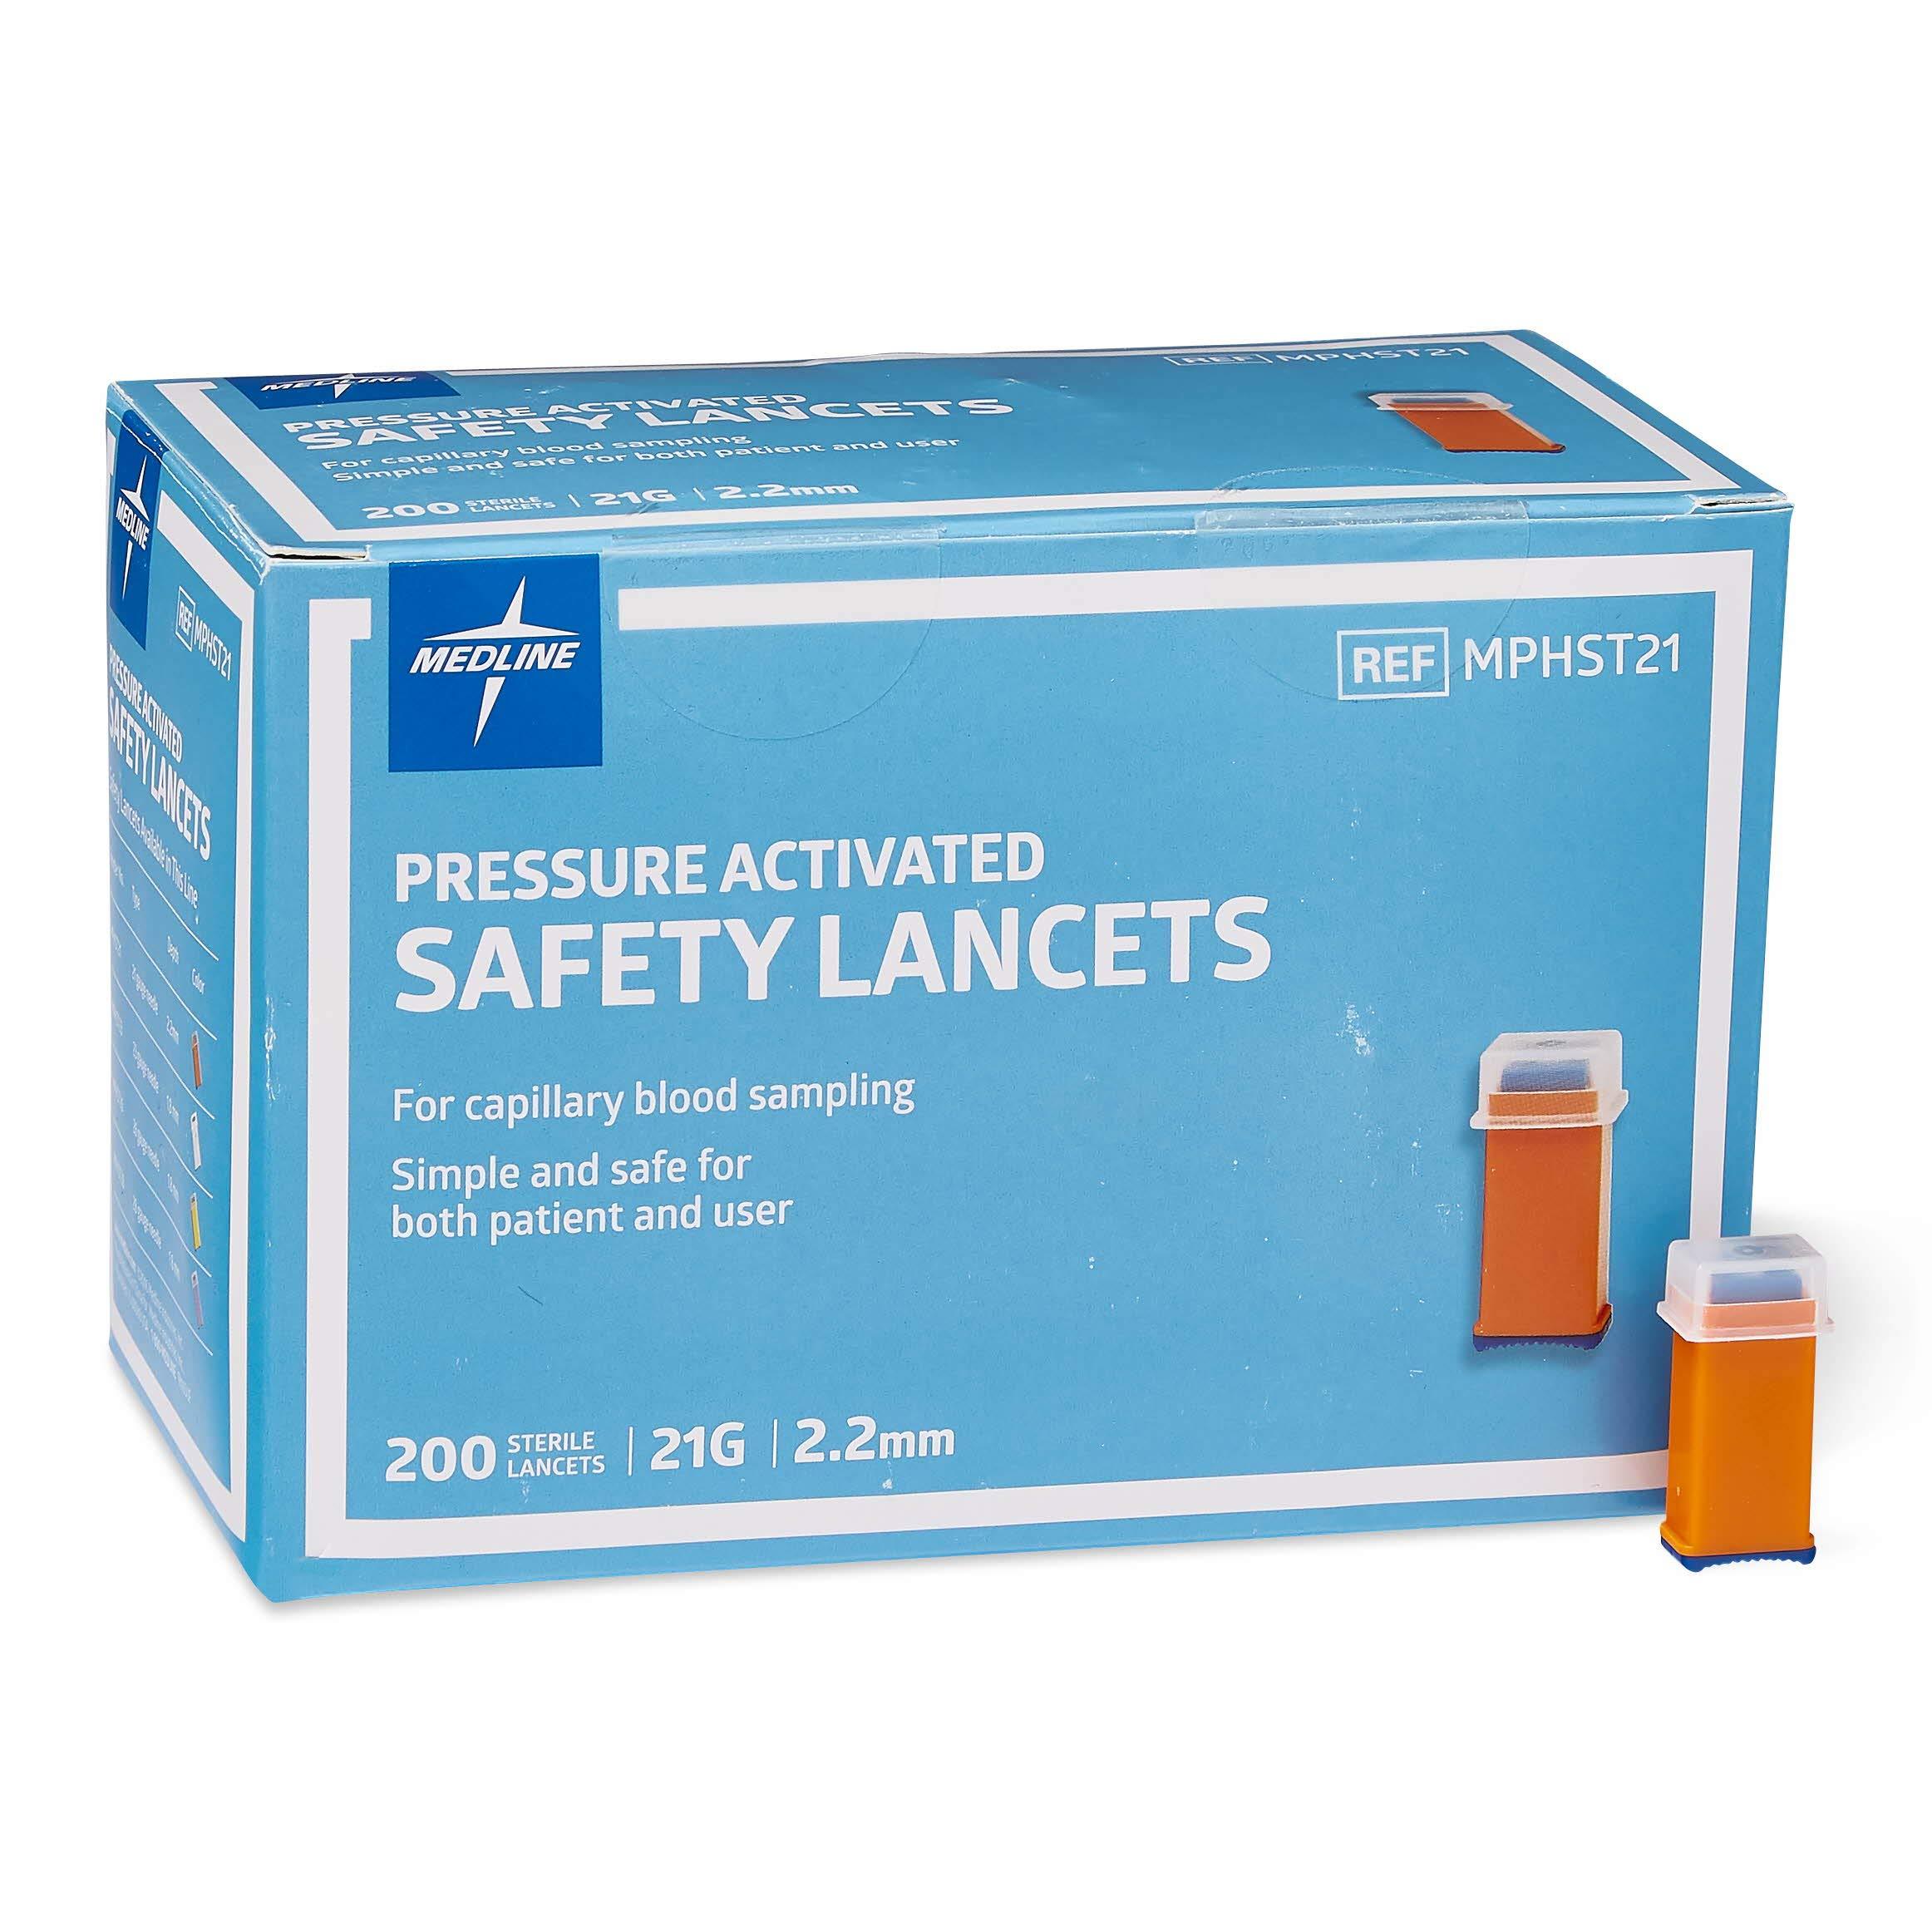 Medline MPHST21Z Pressure Activated Safety Lancets, 21G, 2.2 mm Depth, Box of 200 by Medline